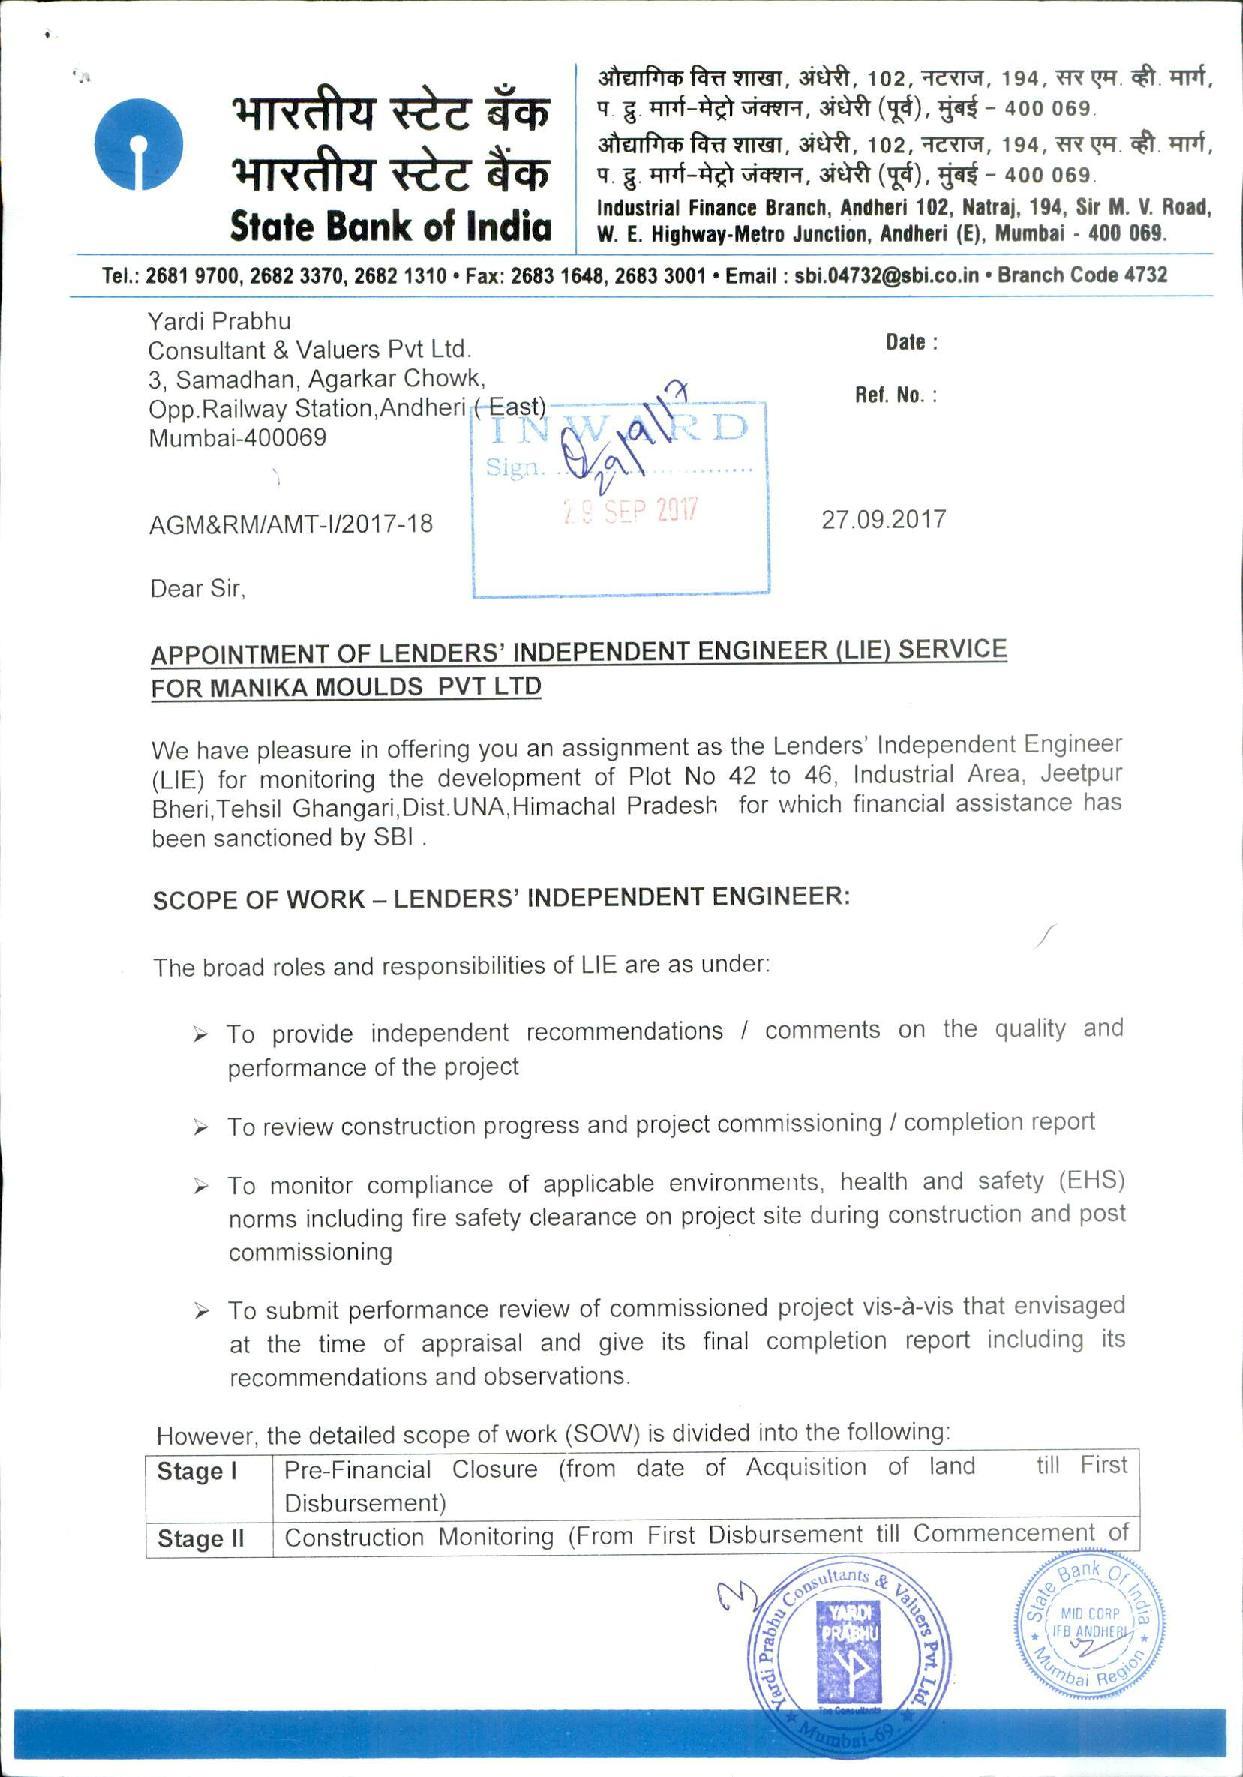 Lenders Independent Engineer (LIE) - Yardi Prabhu